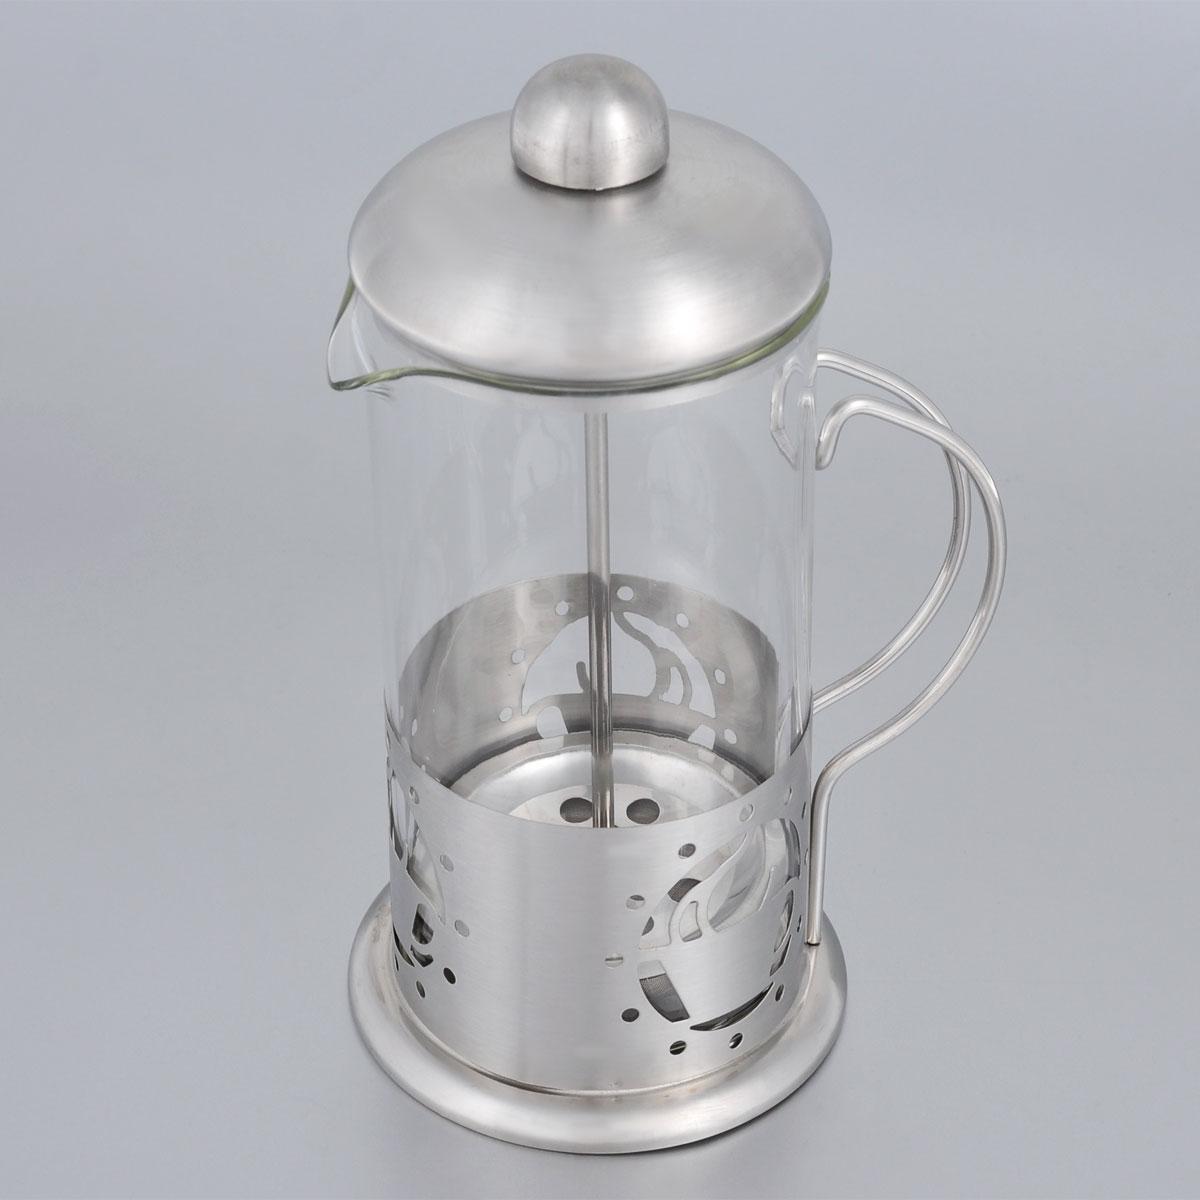 Френч-пресс Bohmann, 350 мл. 9537BH9535BHФренч-пресс Bohmann используется для заваривания крупнолистового чая, кофе среднего помола, травяных сборов. Изготовлен из высококачественной нержавеющей стали и термостойкого стекла, выдерживающего высокую температуру, что придает ему надежность и долговечность. Френч-пресс Bohmann незаменим для любителей чая и кофе. Можно мыть в посудомоечной машине. Объем: 350 мл. Высота (с учетом крышки): 18 см. Диаметр (по верхнему краю): 7,5 см.